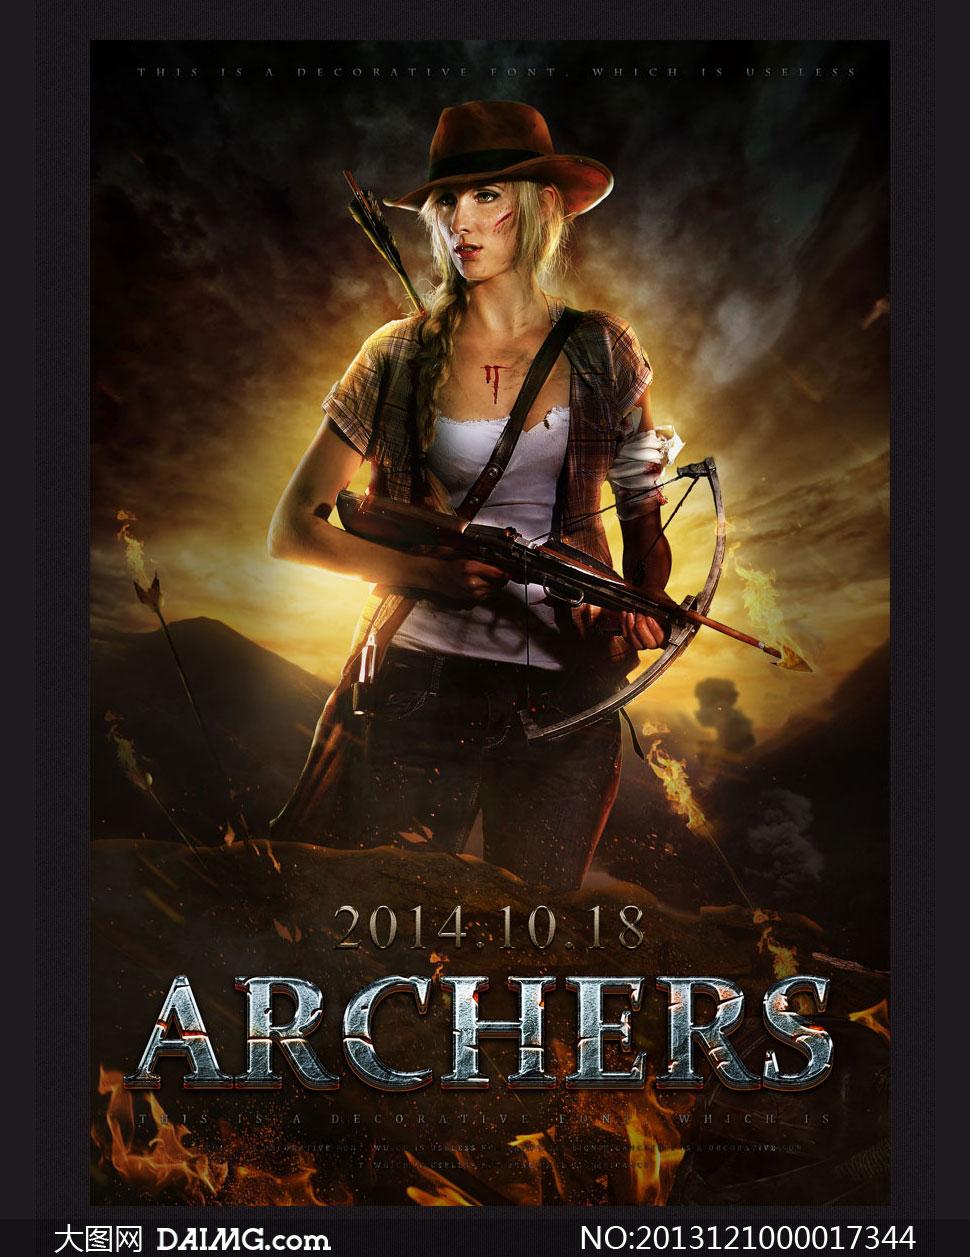 设计教程电影海报超酷绚丽火焰战争场景羽毛箭人物战士女战士山川河流